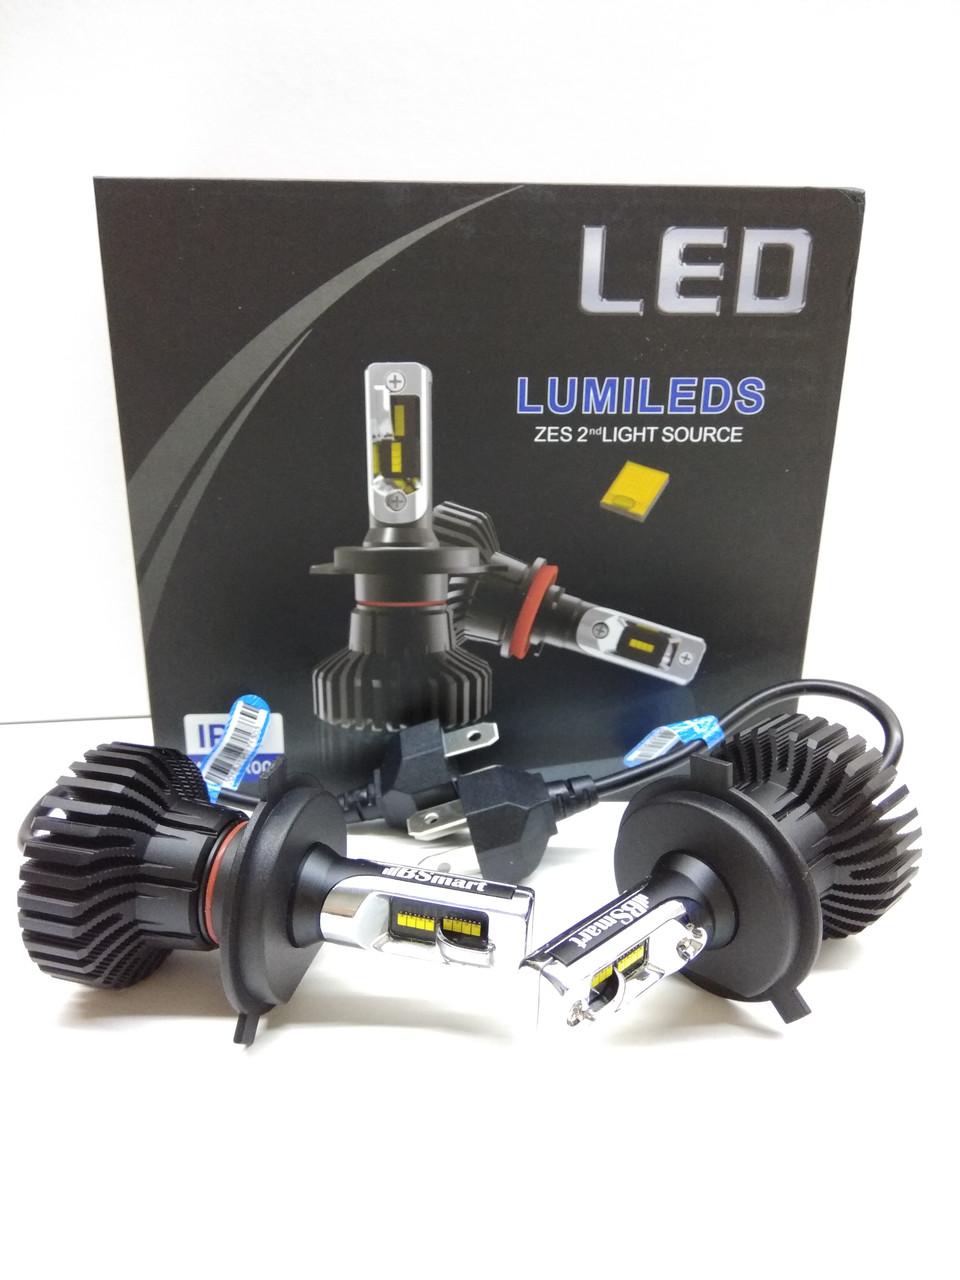 Светодионые автолампы LED BSmart Extra 5, H4, 50W, Lumileds Luxeon Z ES, 9-36V